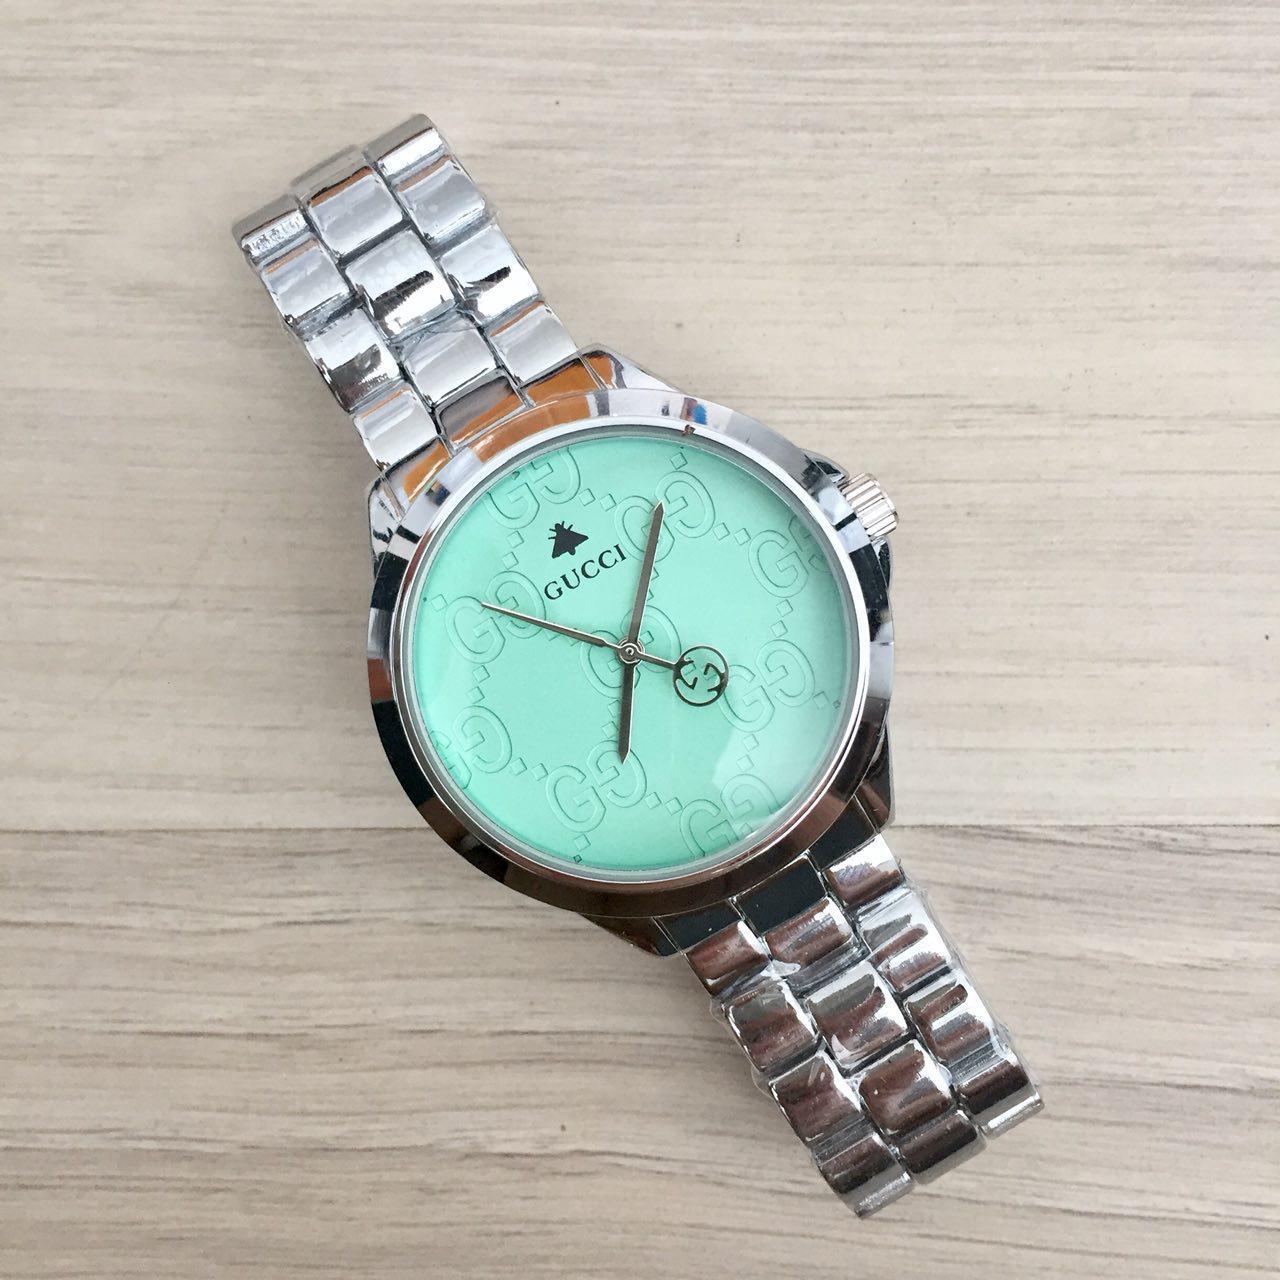 979d29d7 Часы наручные Gucci 7161 GFS Silver Green - Интернет-магазин